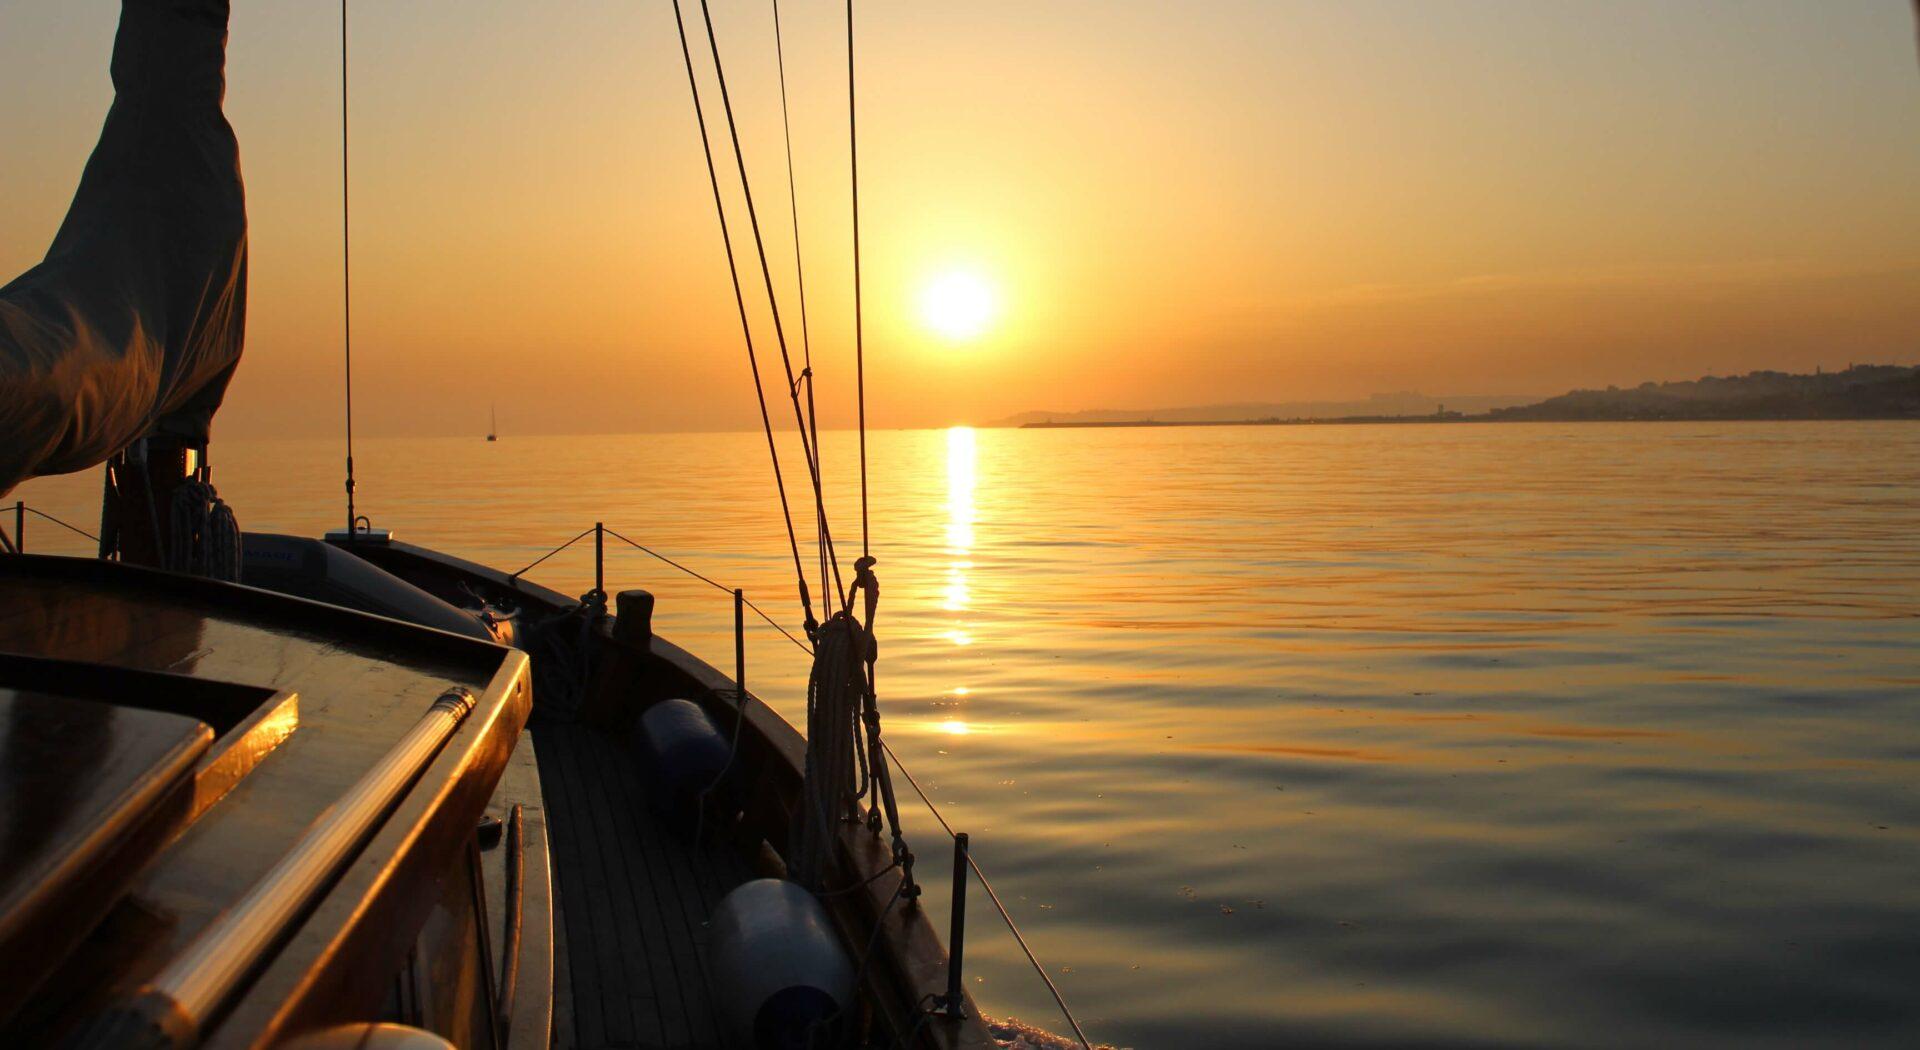 marmarahavet i solnedgang_7168